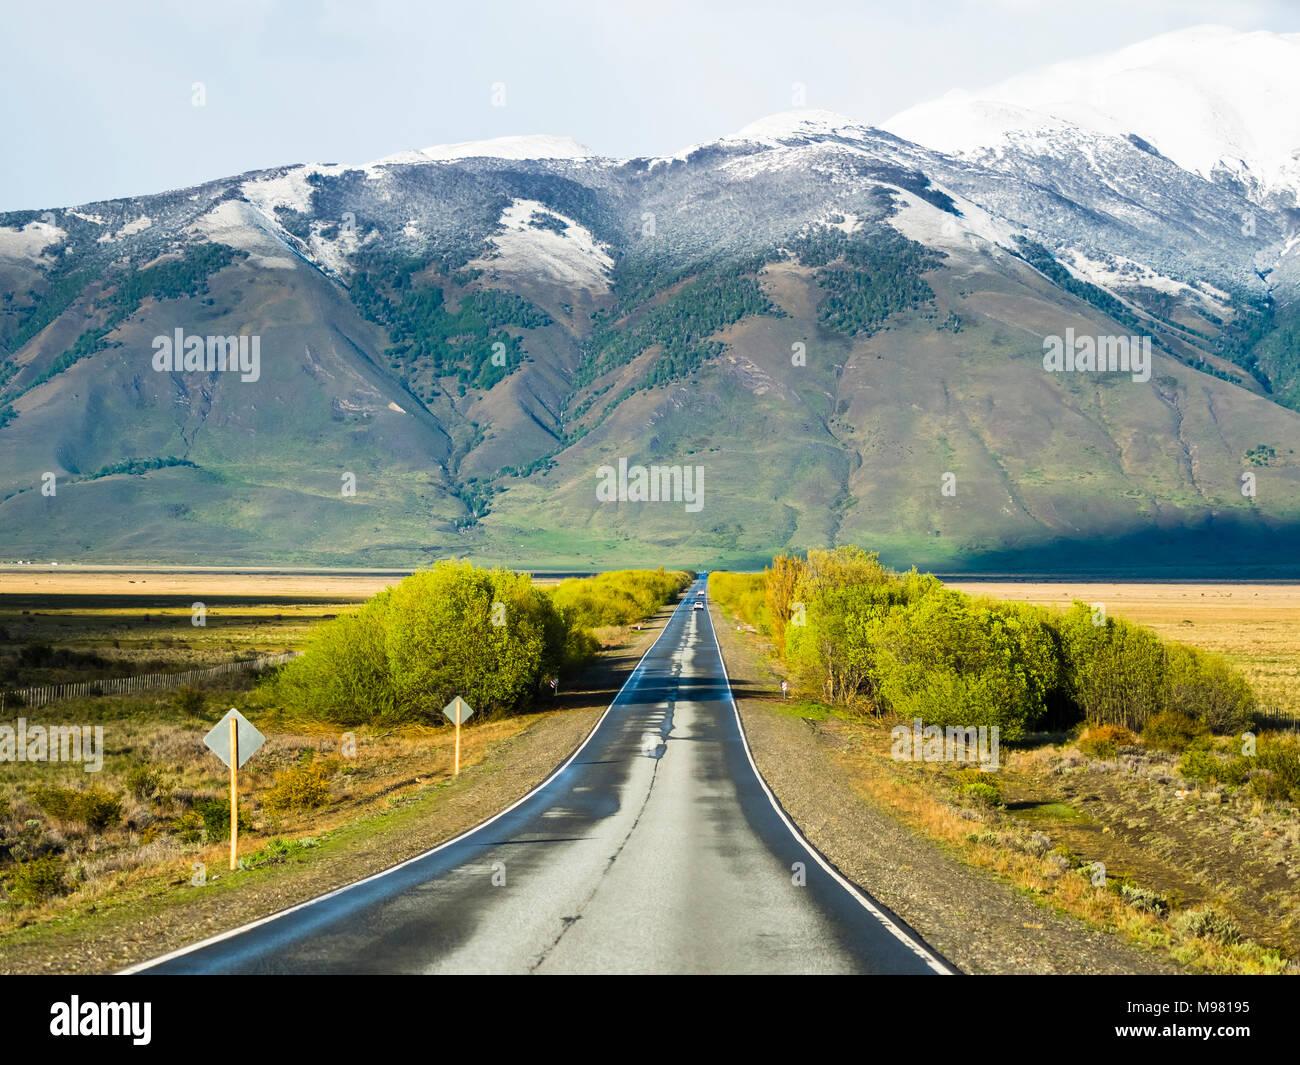 Argentina, Patagonia, El Calafate, Santa Cruz Provincia, road vicino Lago-Argentino Immagini Stock